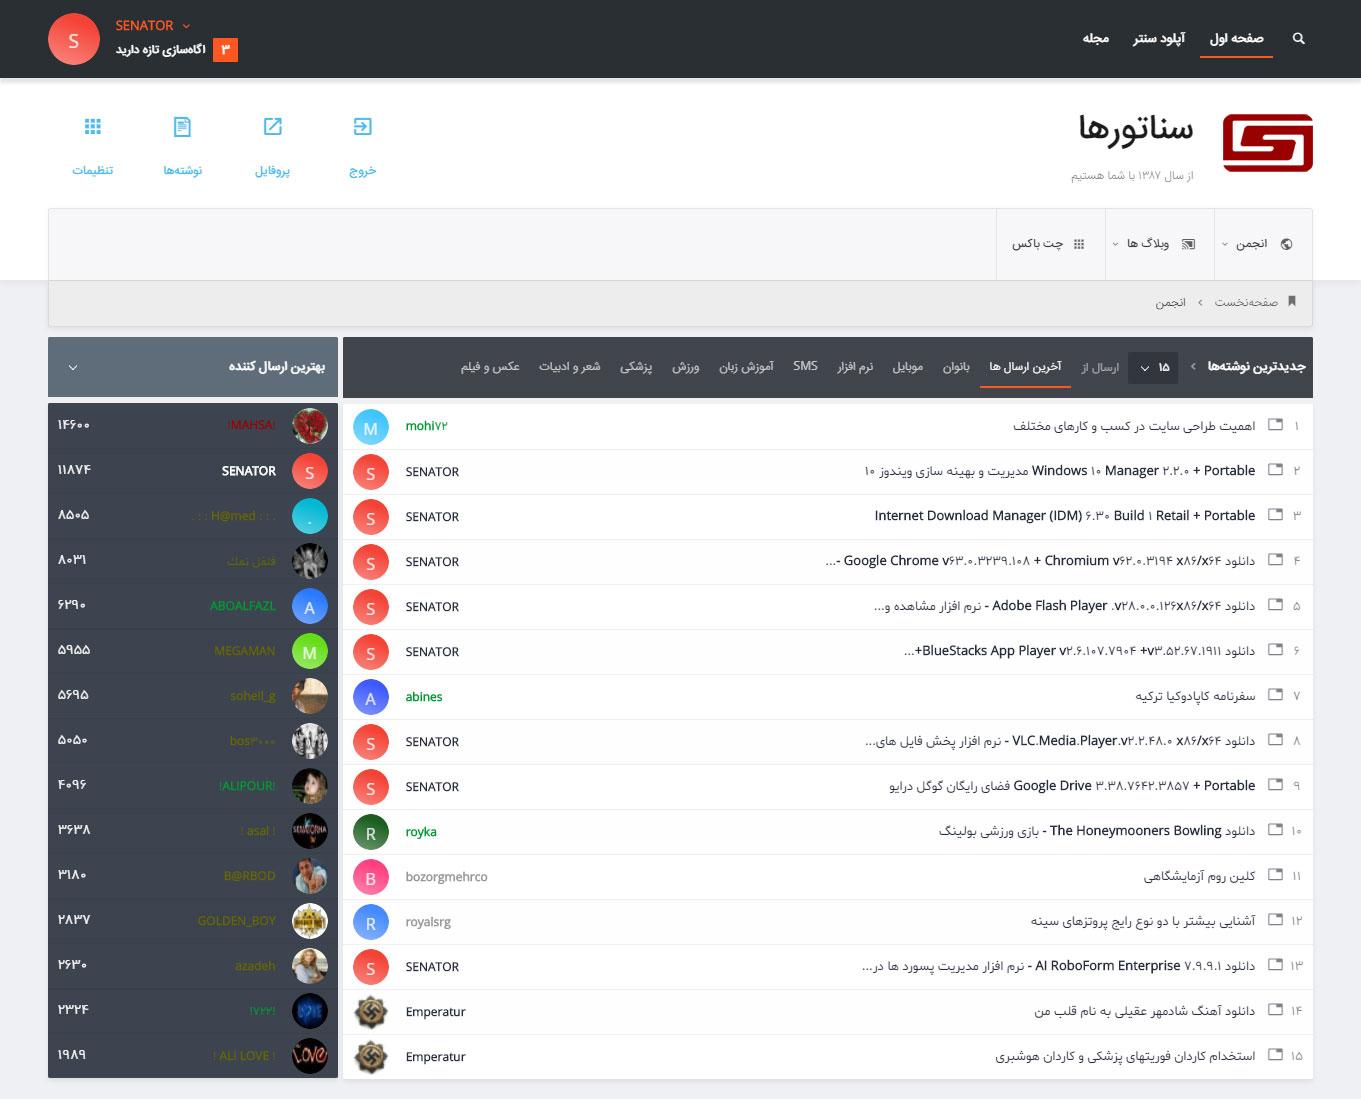 انجمن گفتگوی سناتورها senatorha forum 1  نمونه طراحی وب سایت senatorha forum 1